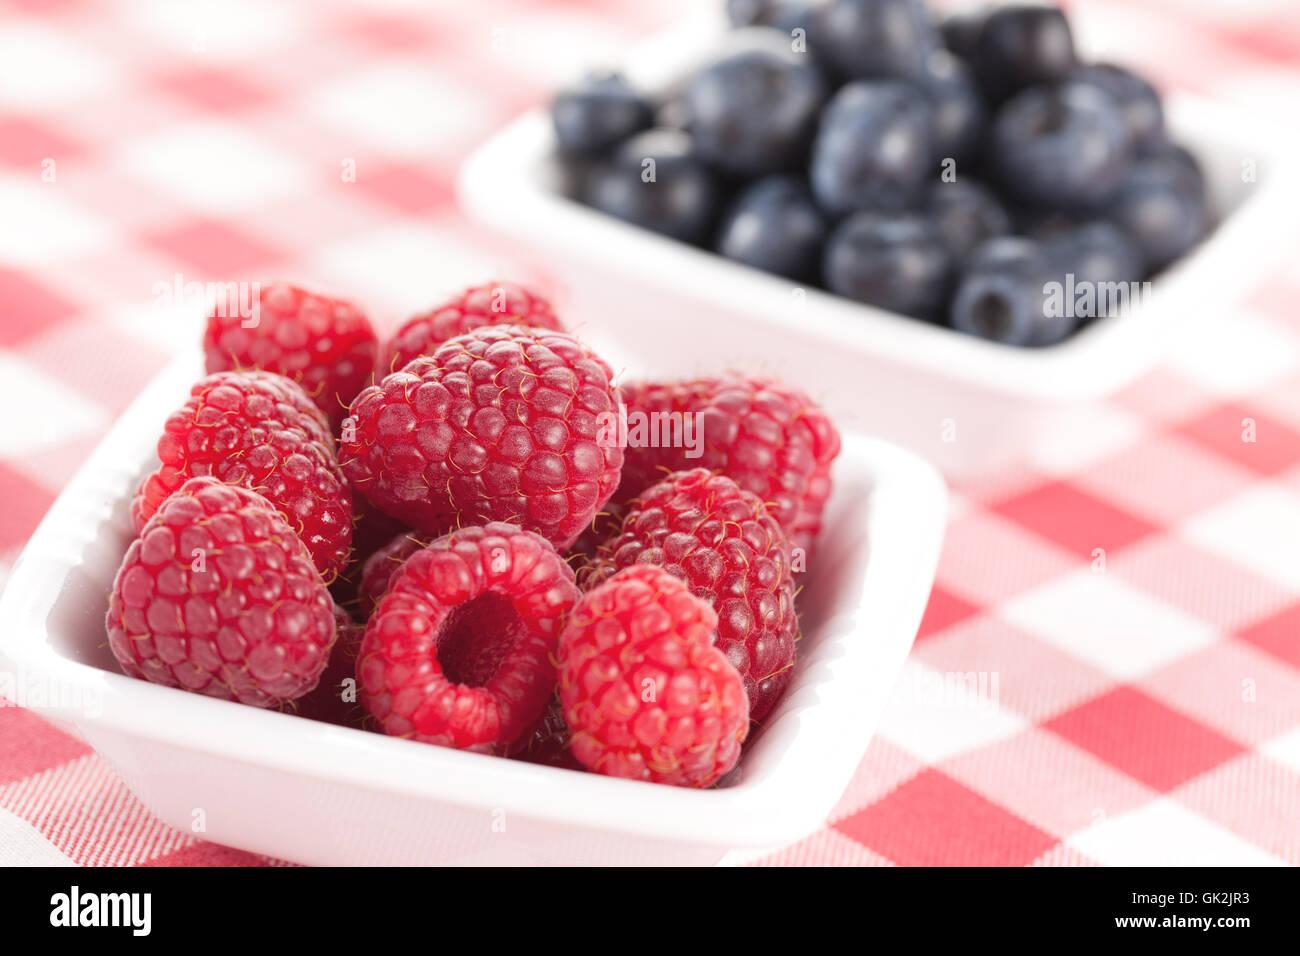 Lebensmittel Nahrungsmittel Sommer Stockbild